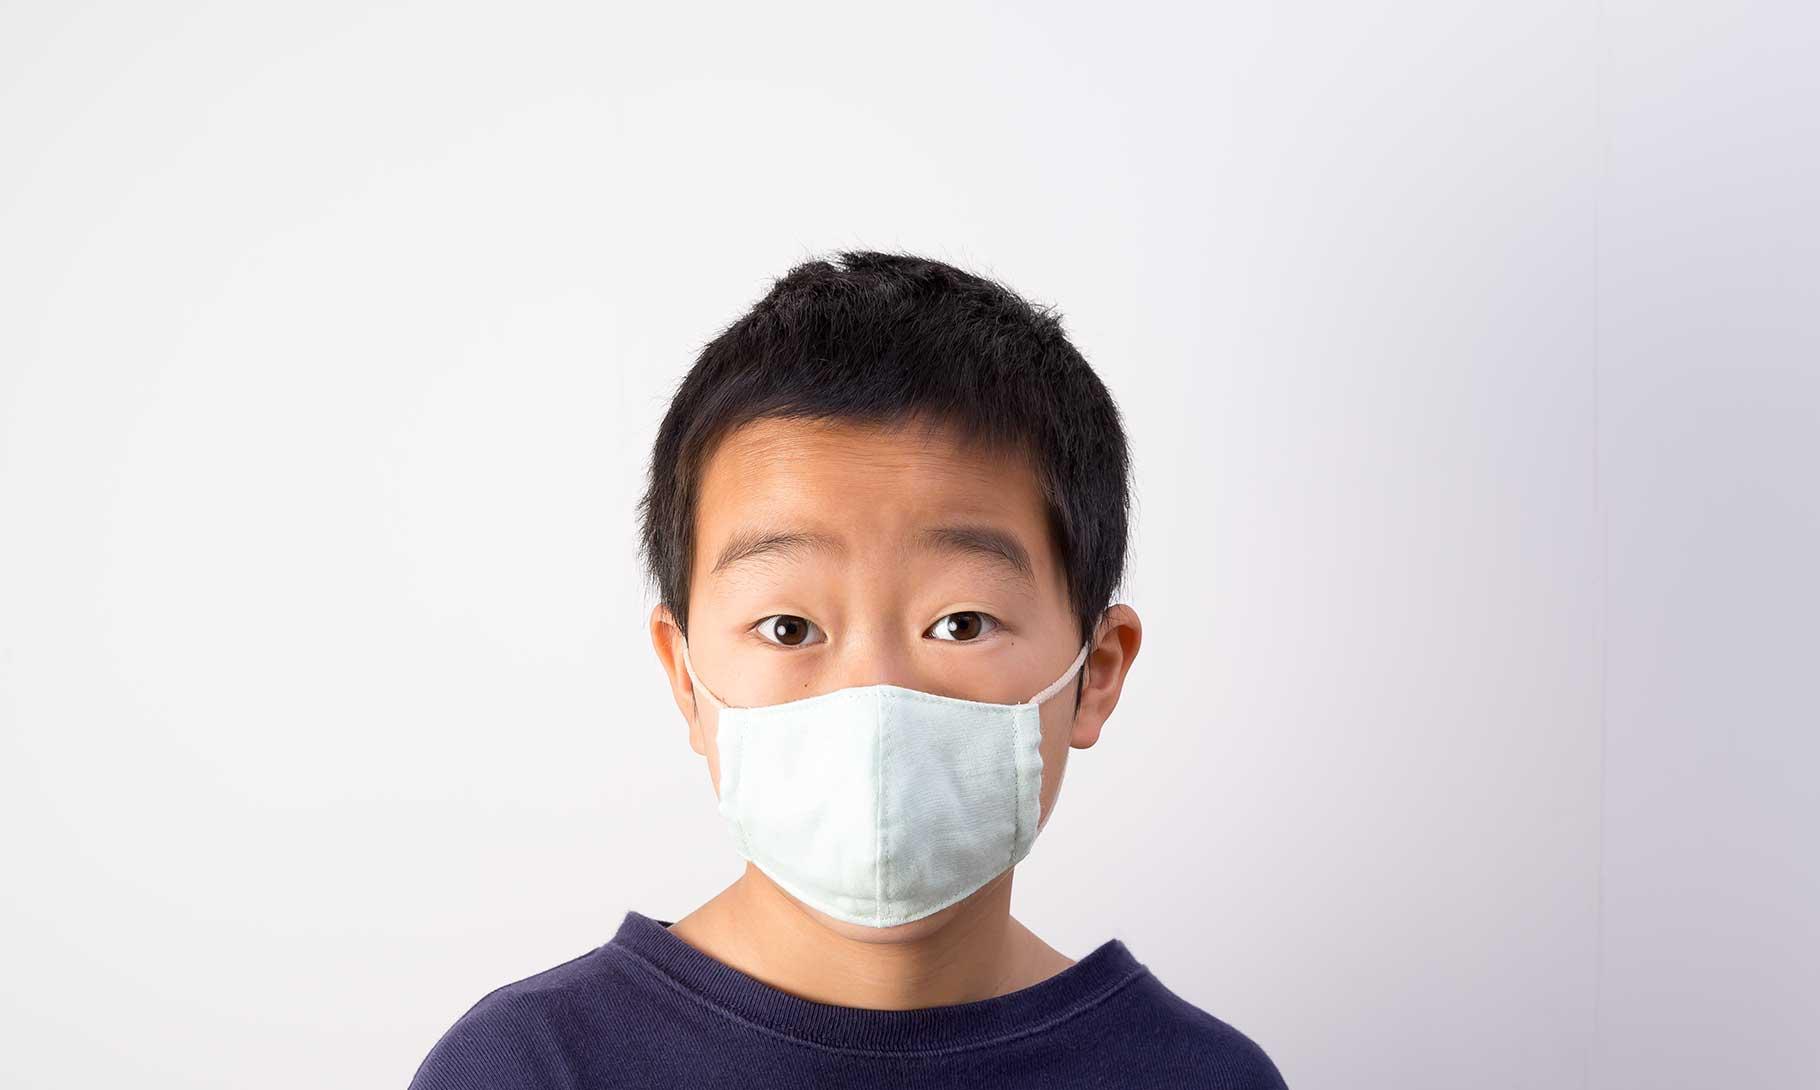 子供用立体マスク男の子装着正面